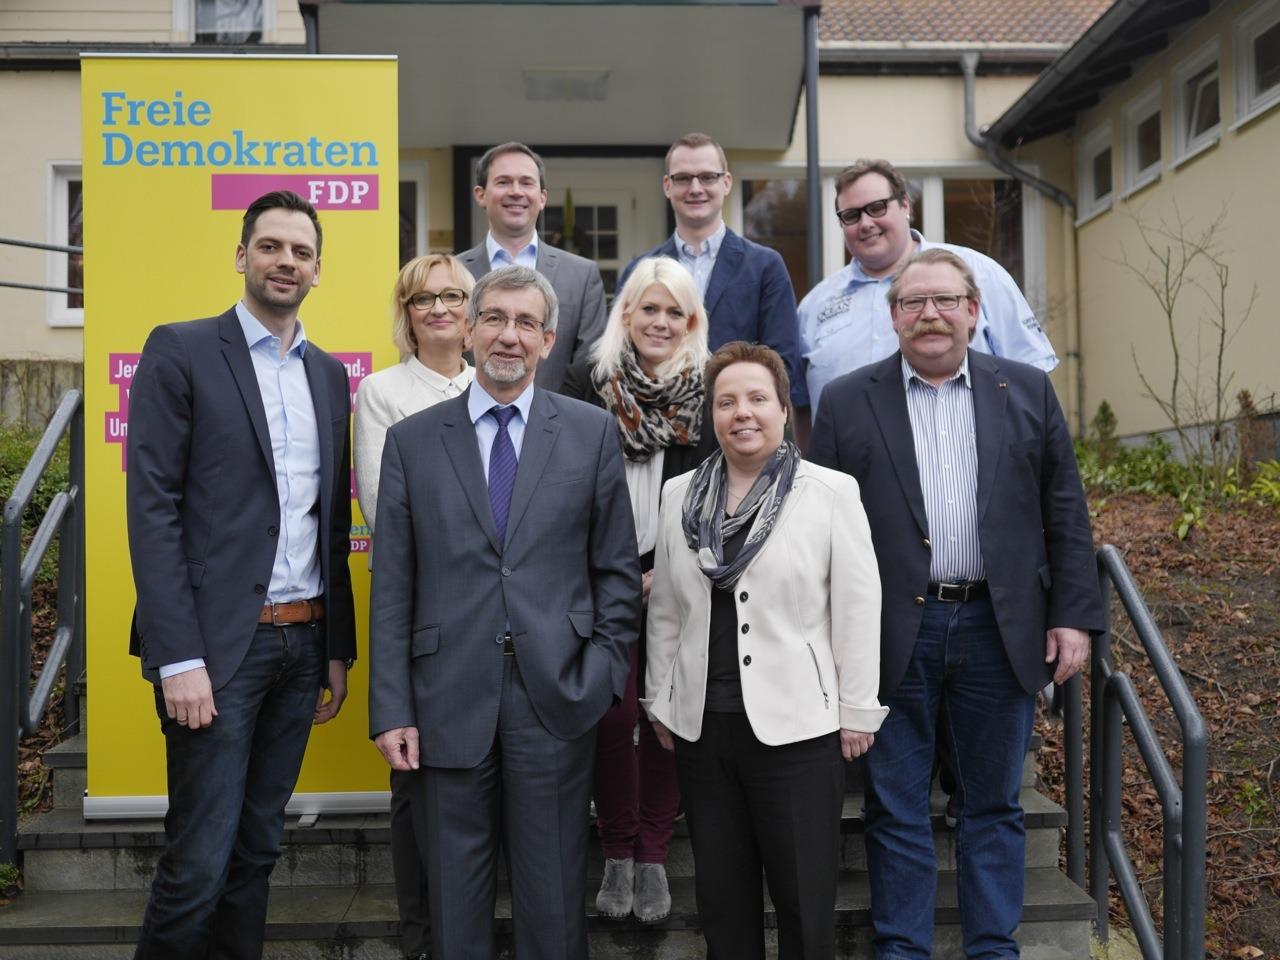 Bild eines Teils des Vorstandes der FDP Paderborn